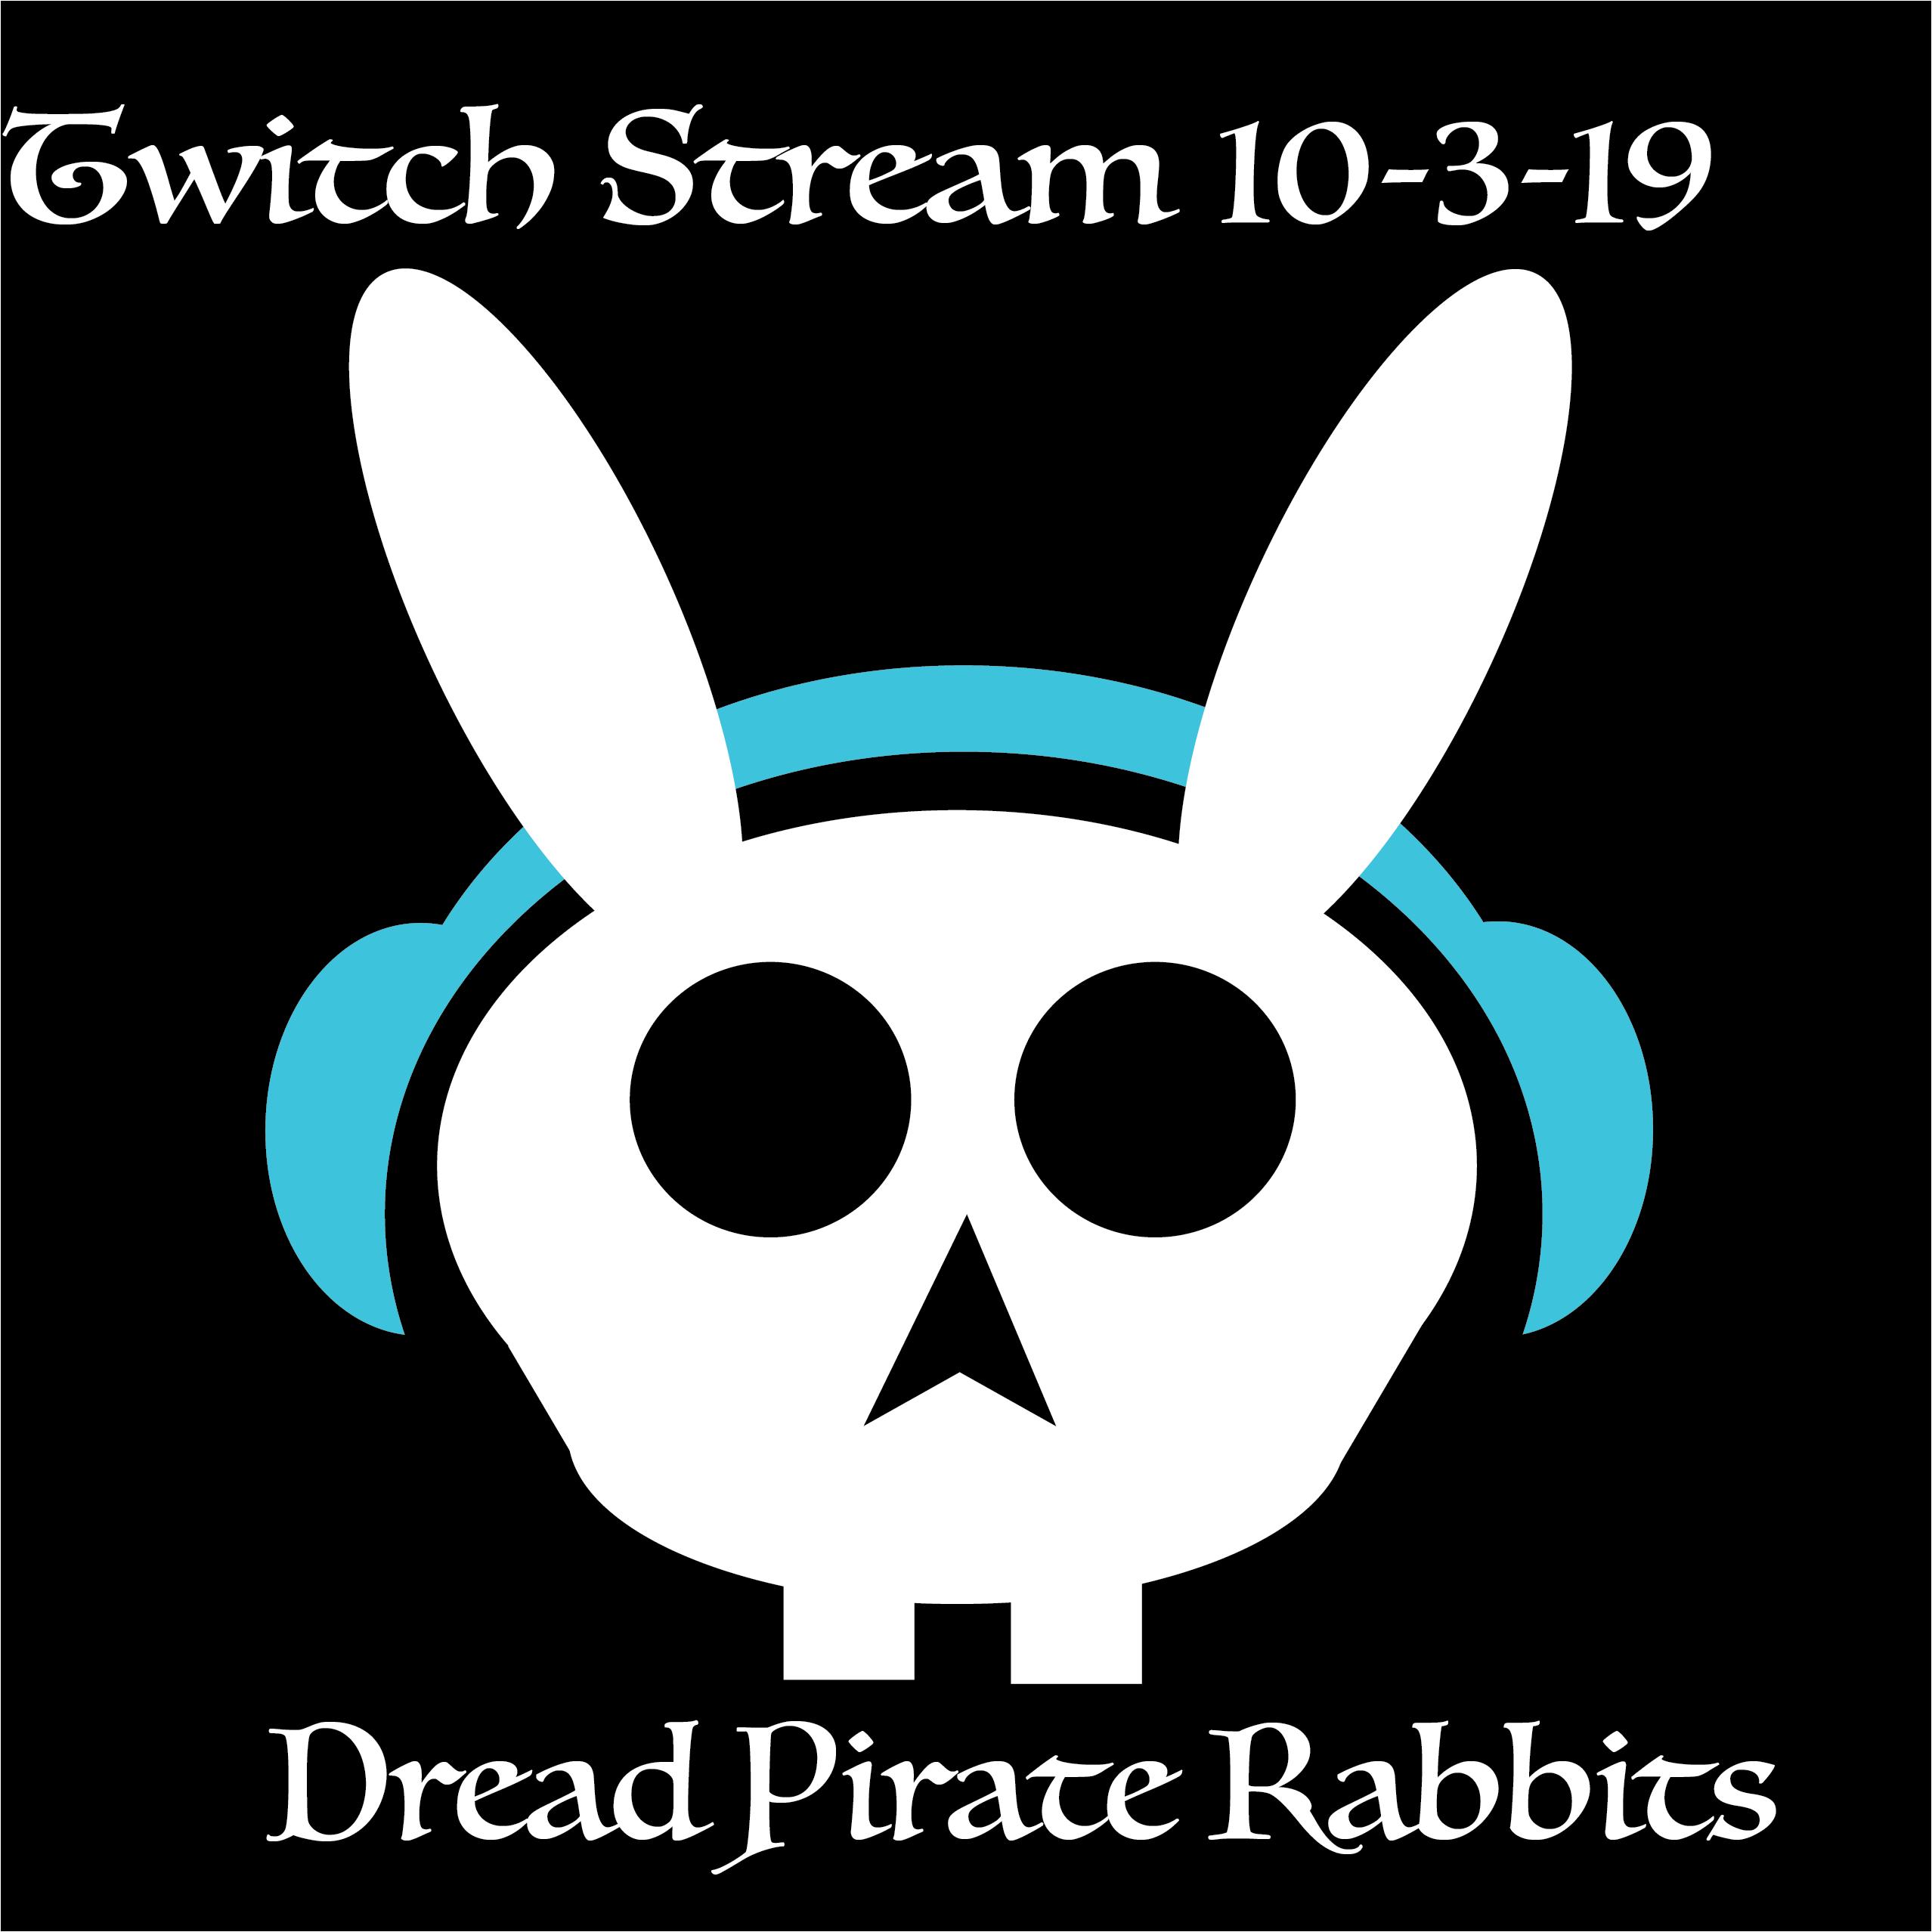 Twitch Stream 10-3-19